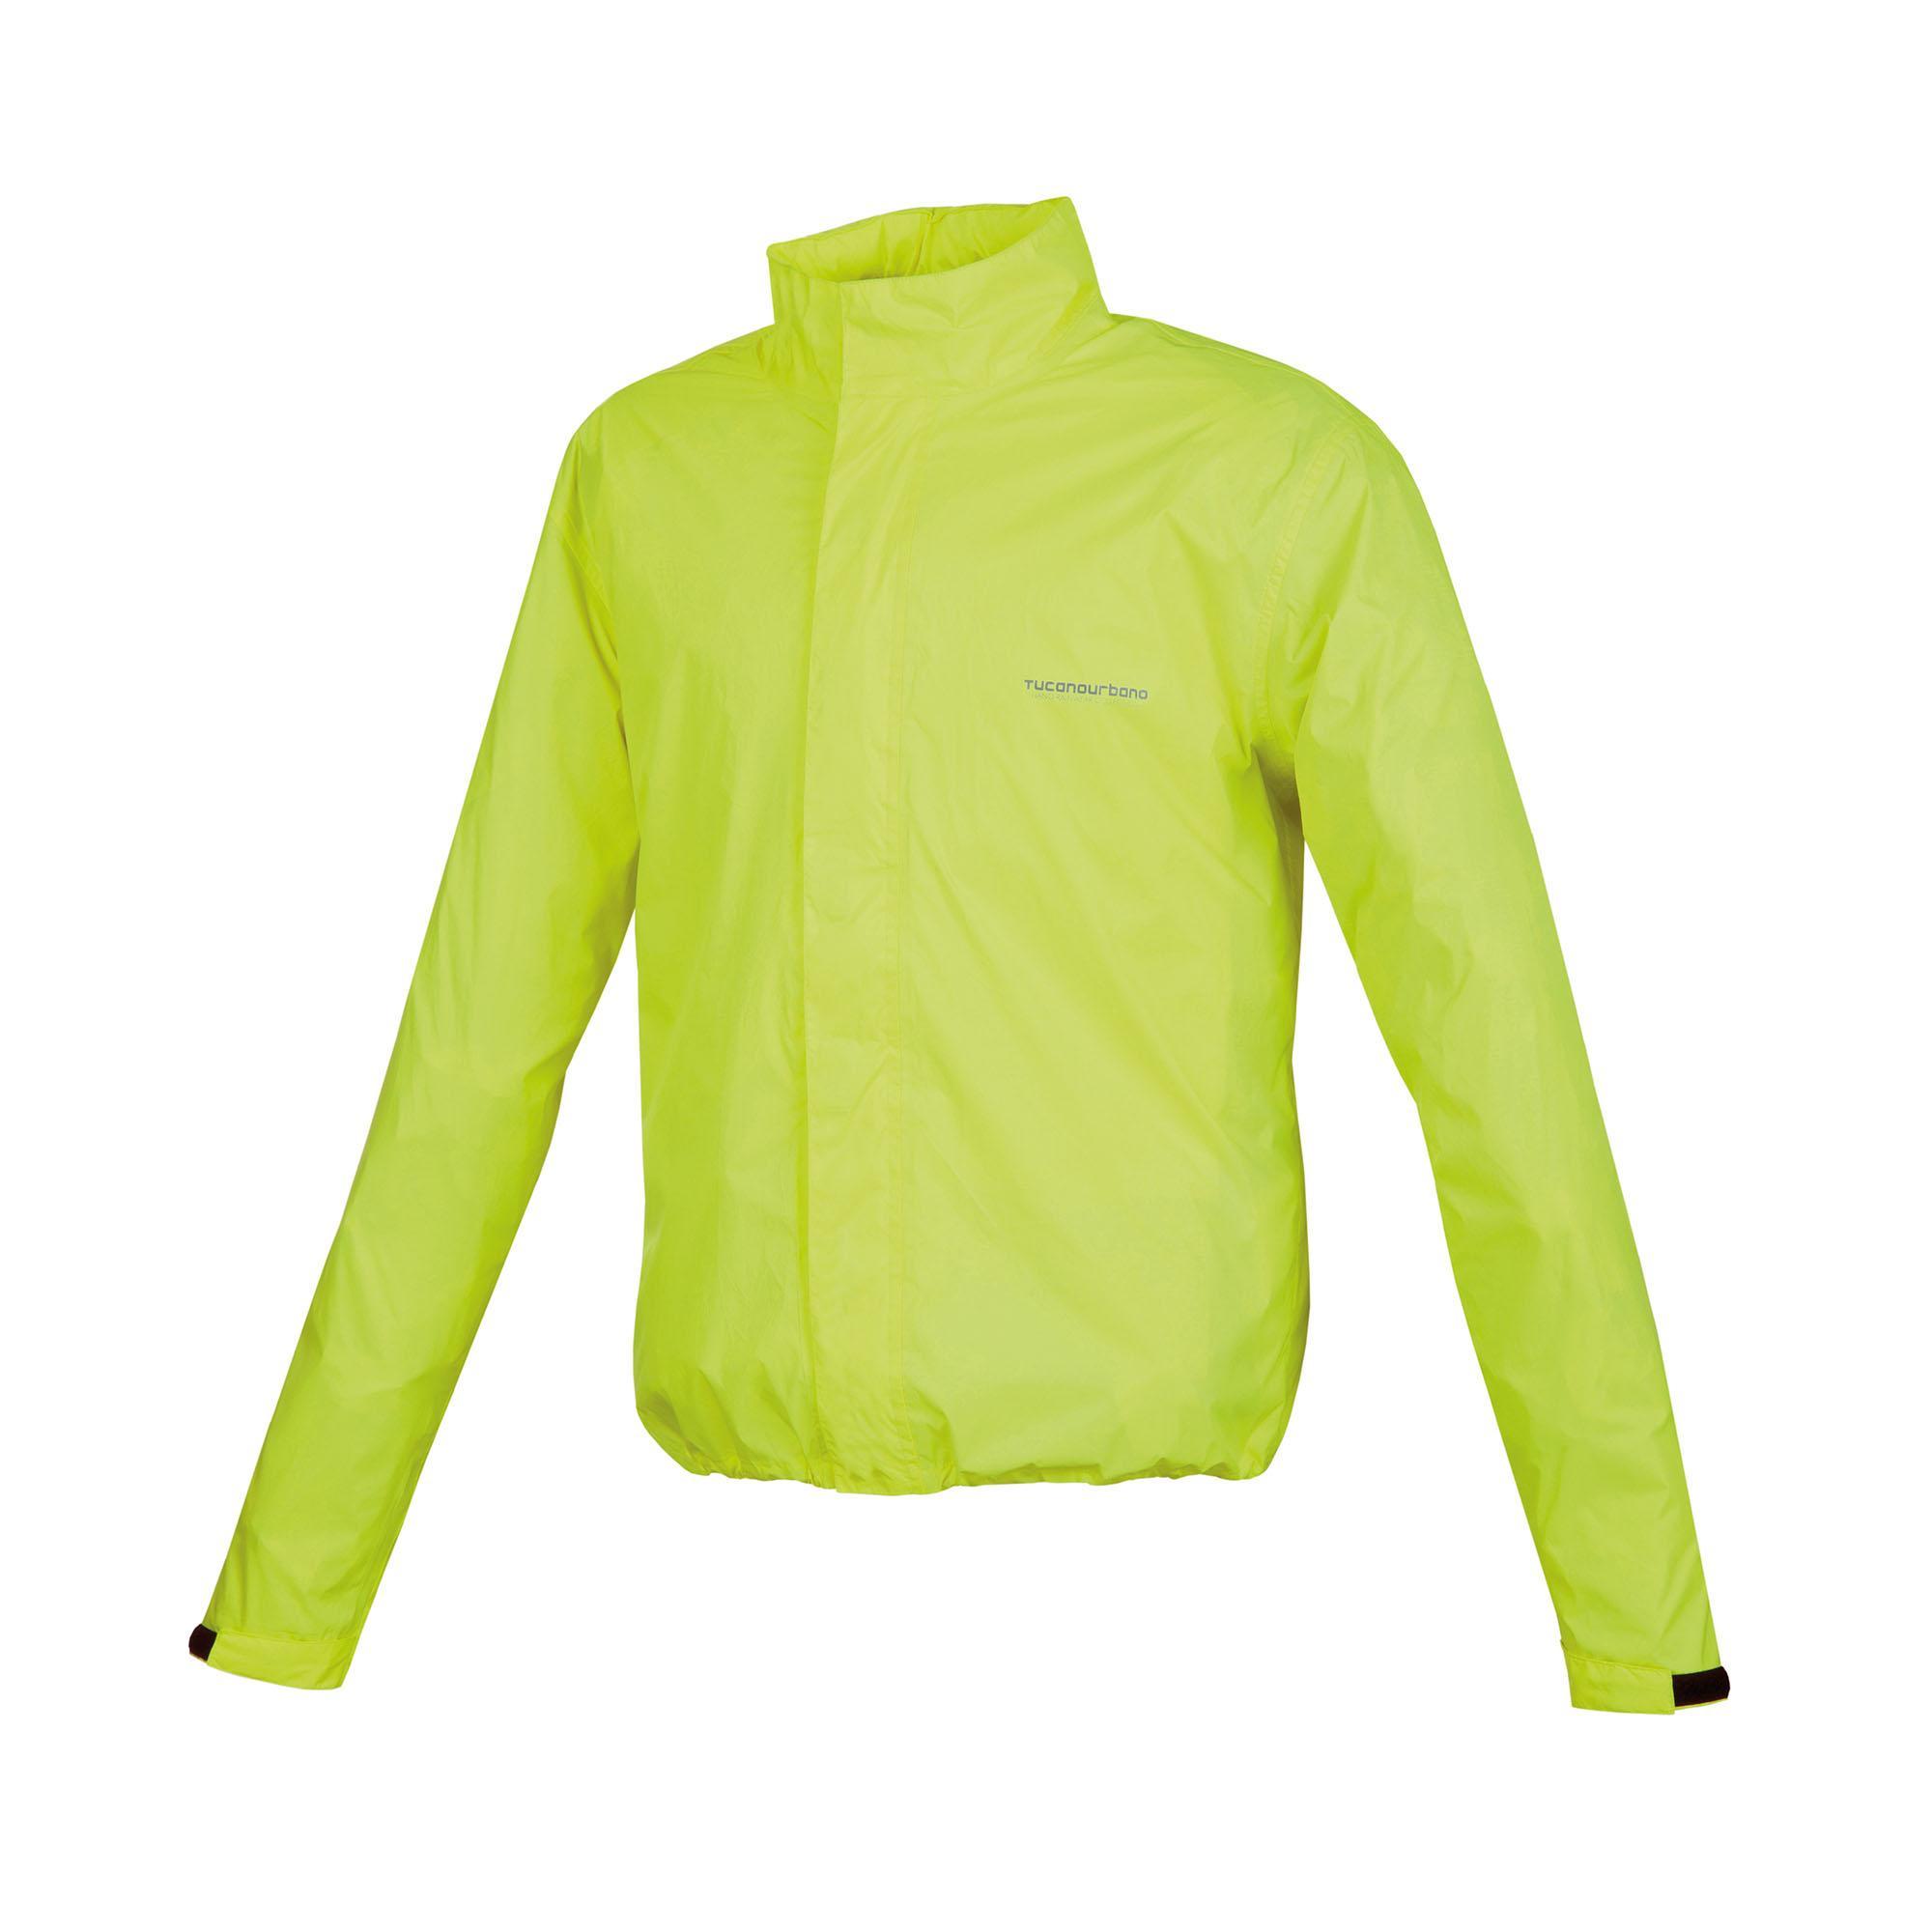 Giacca Antipioggia Nano Rain Jacket Plus Giallo Fluo